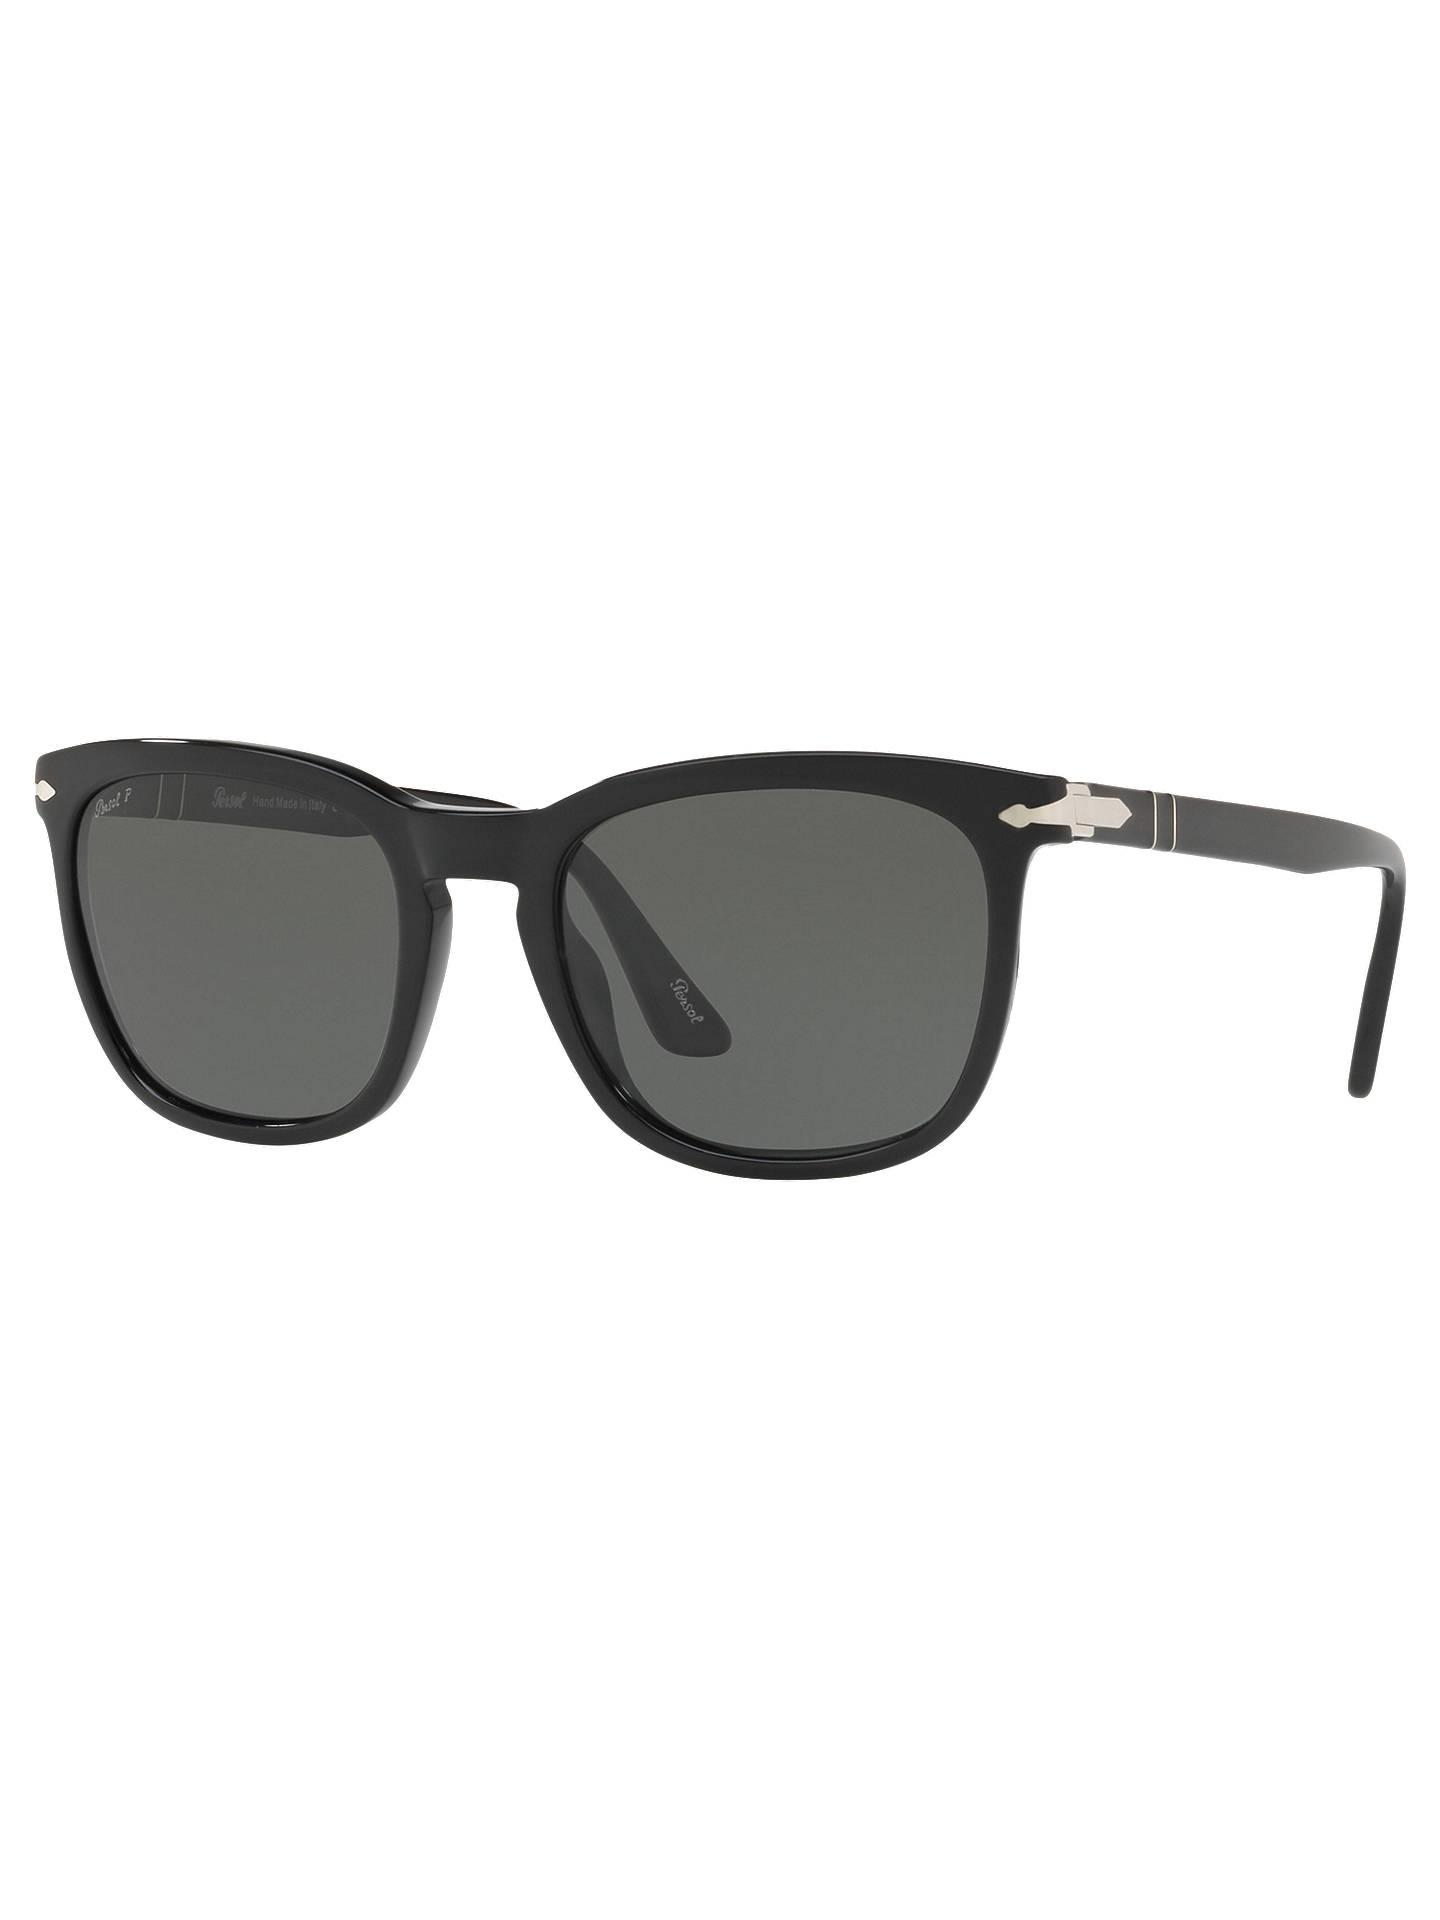 e333b3467c4 Persol PO3193S Men s D-Frame Sunglasses at John Lewis   Partners